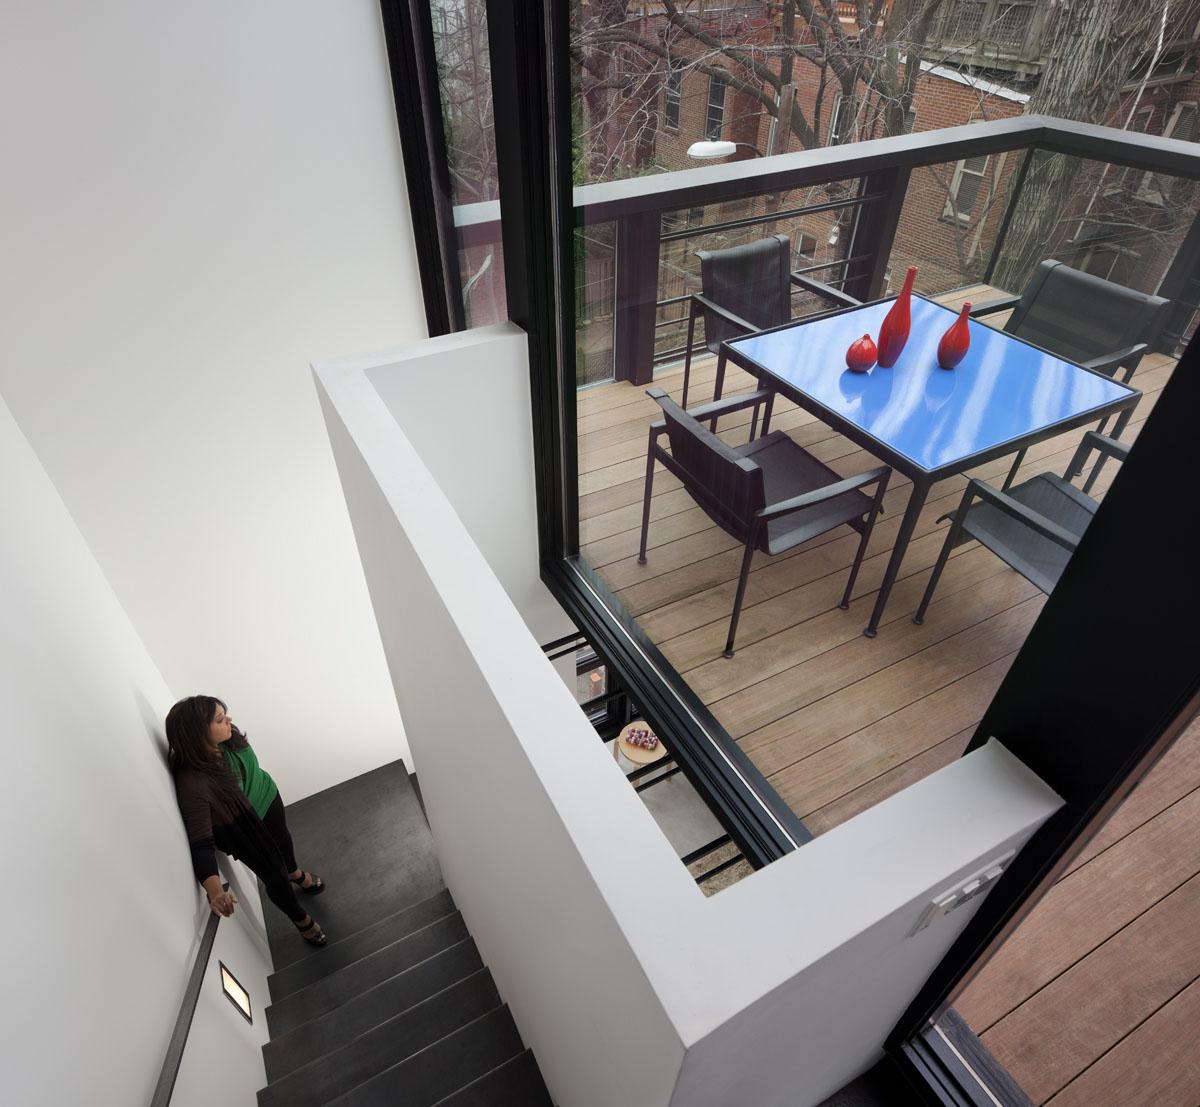 Modern Row House Plans: Modern Washington D.C. Row House